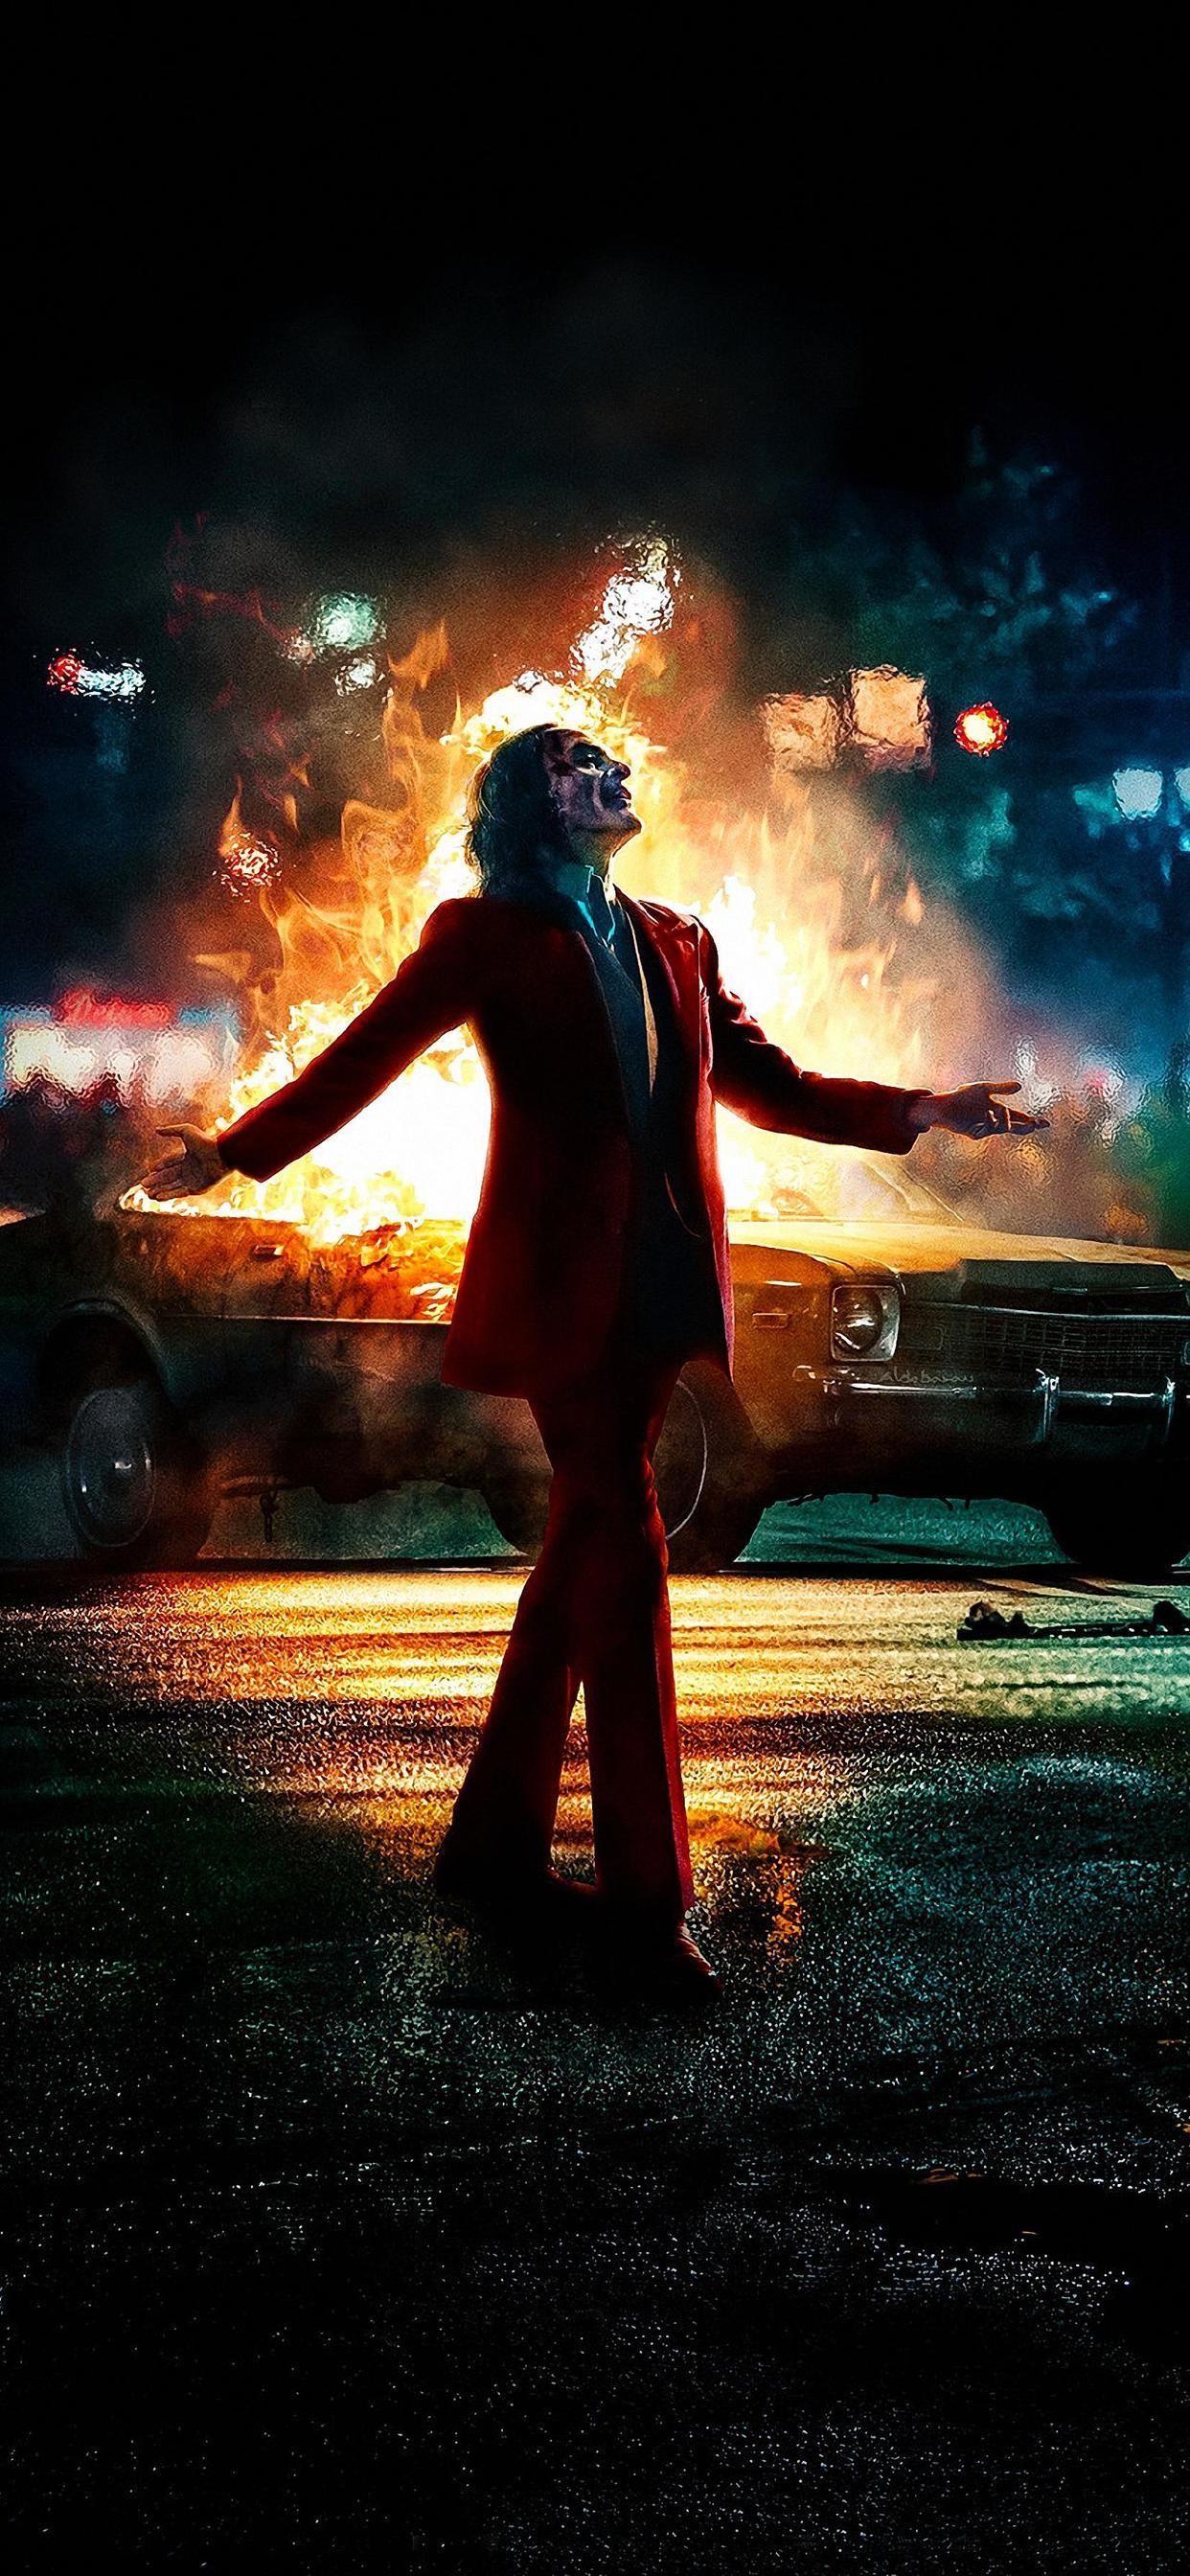 Pin by Jadebouchikhi on Joker in 2020 Joker poster